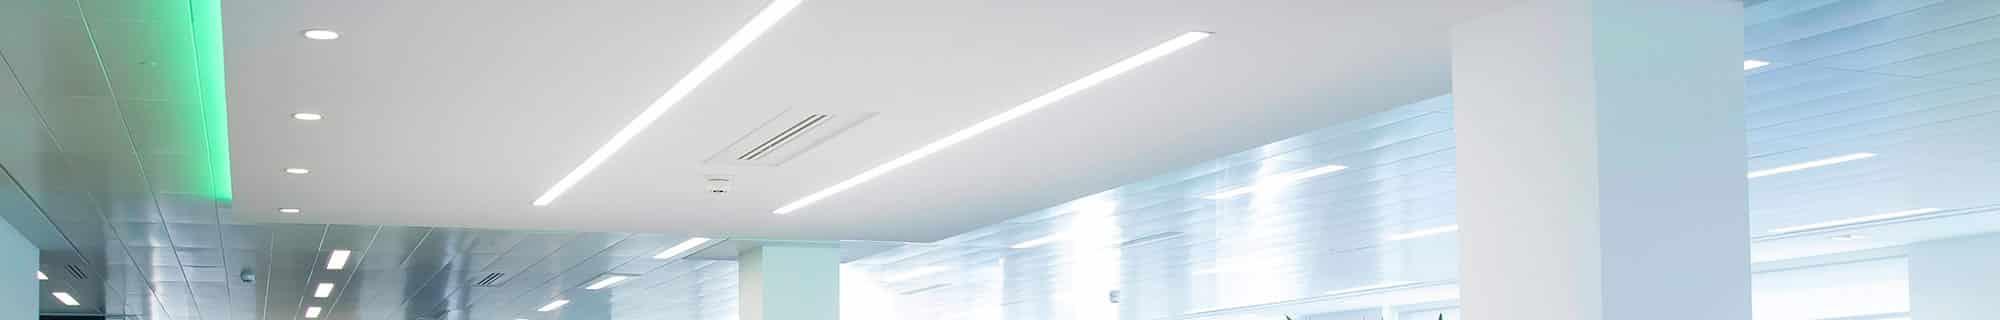 linear lighting installation